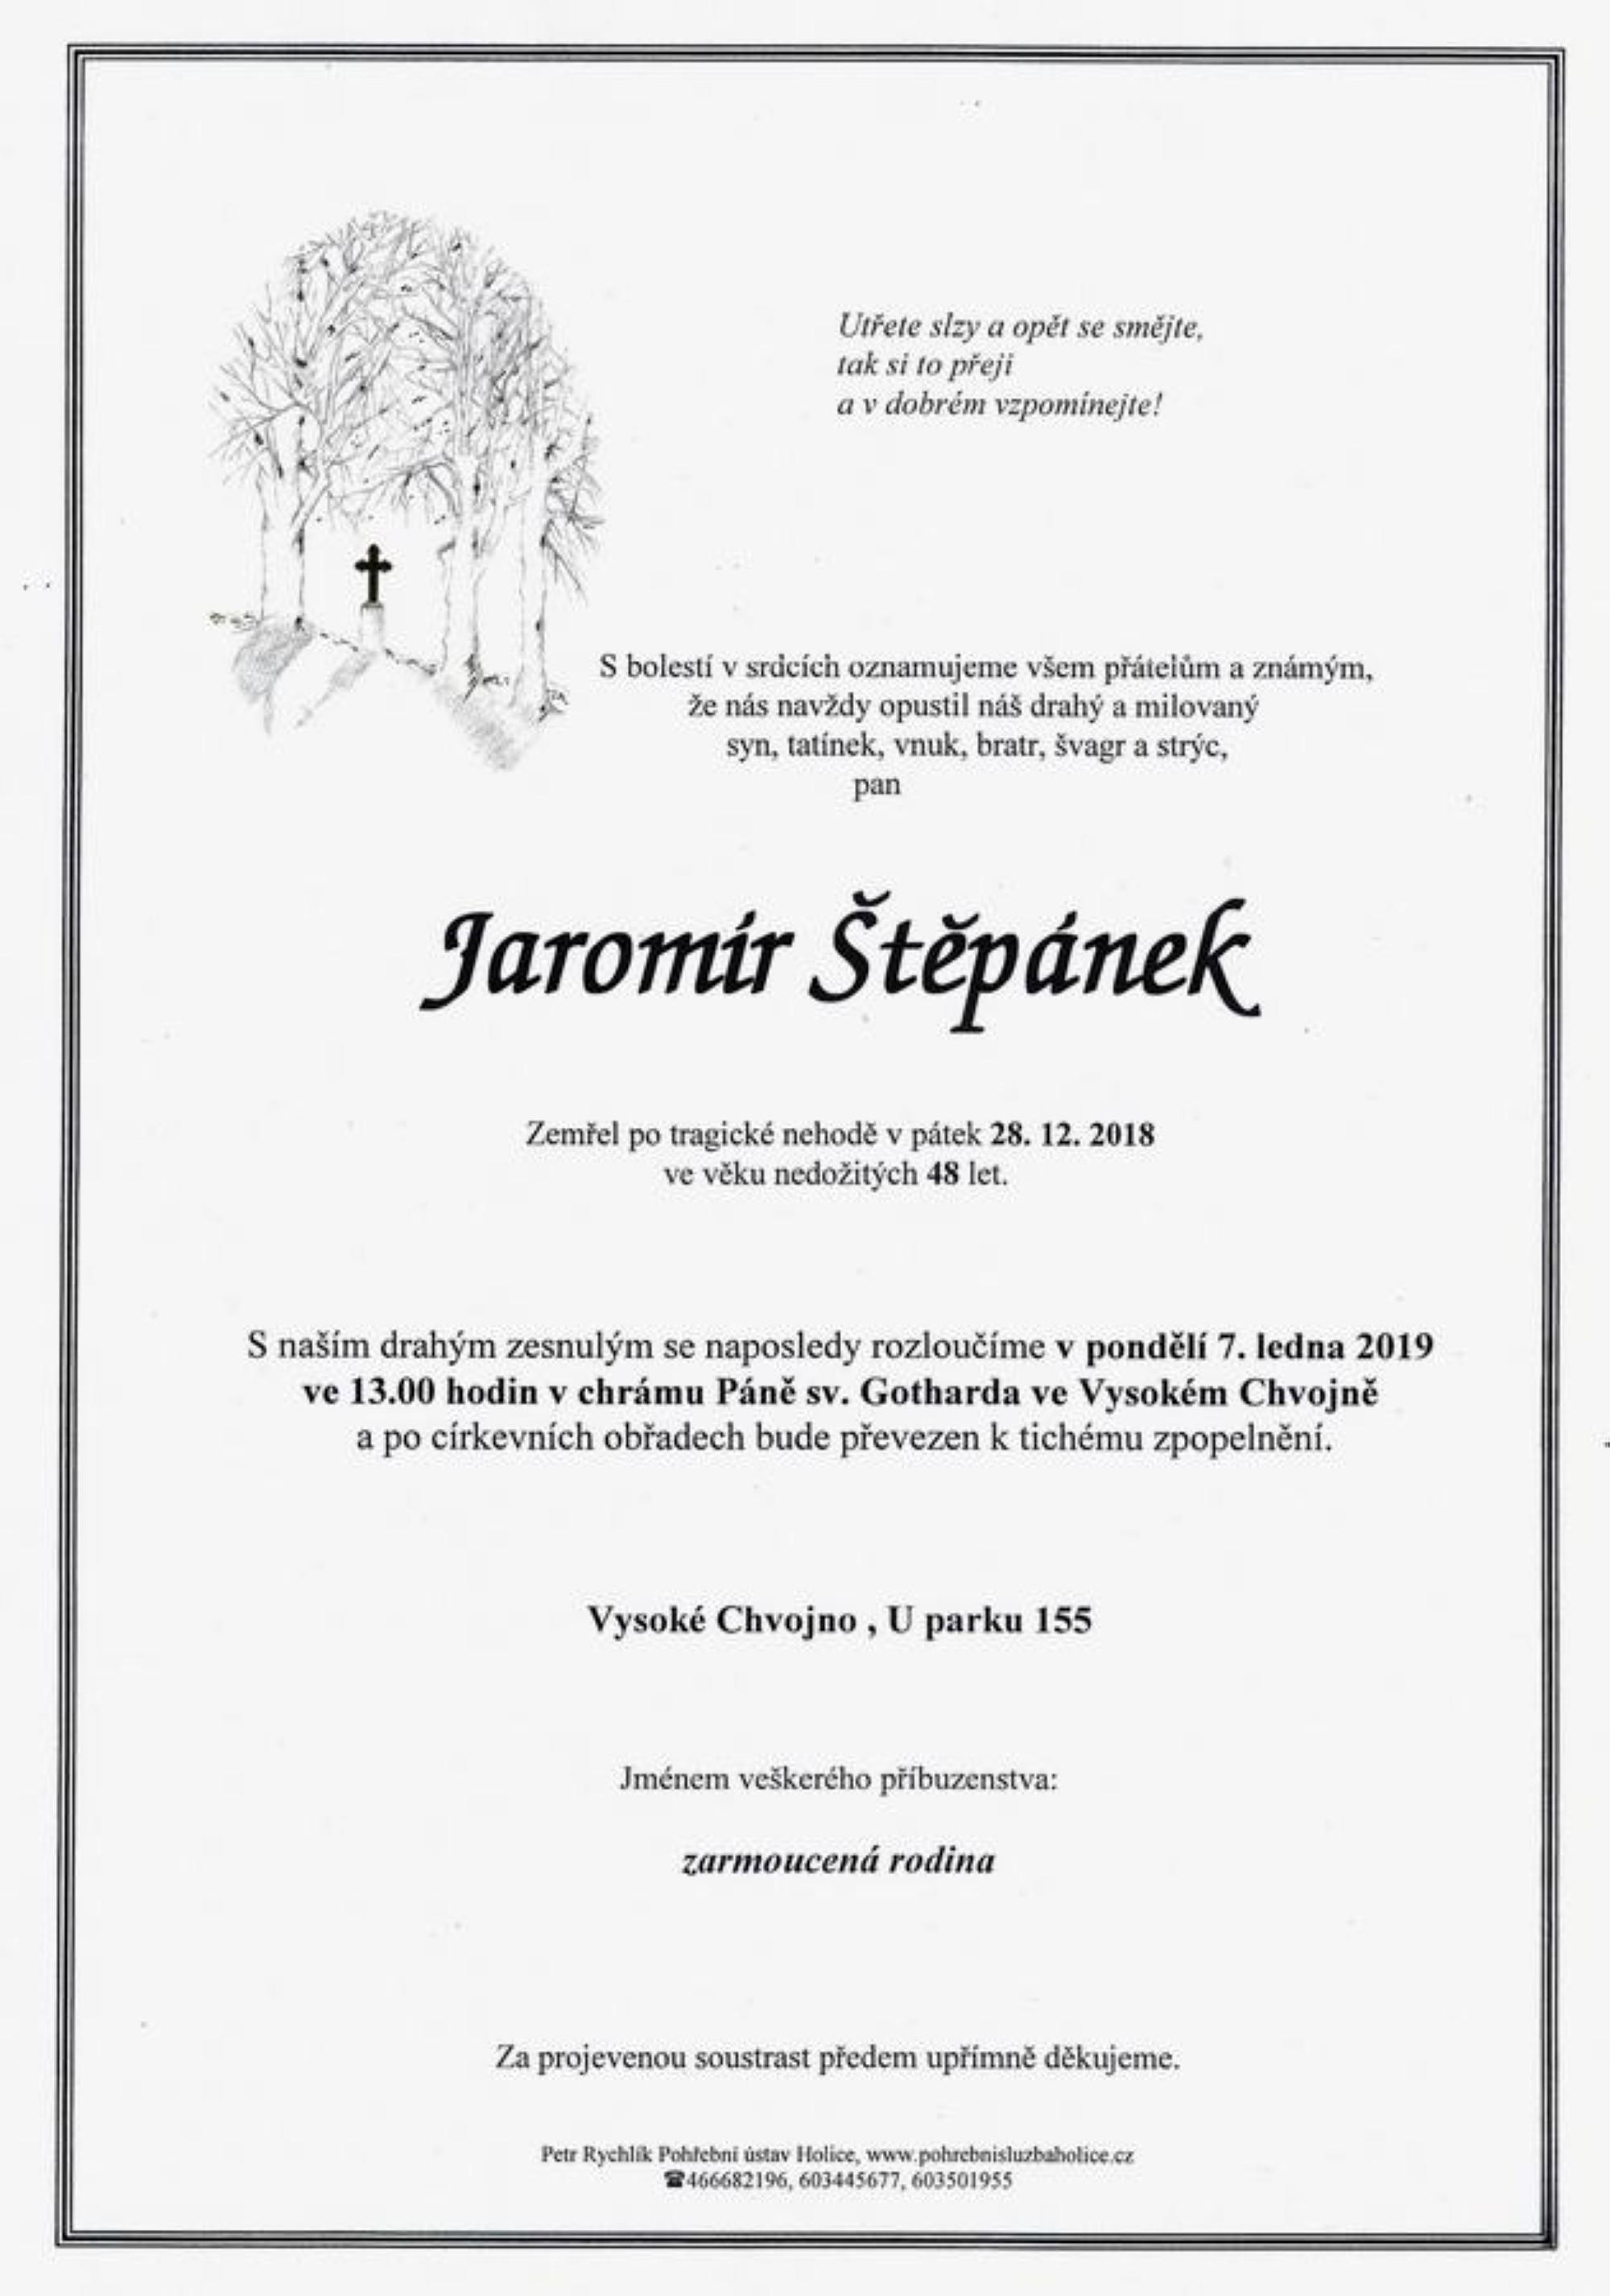 Jaromír Štěpánek